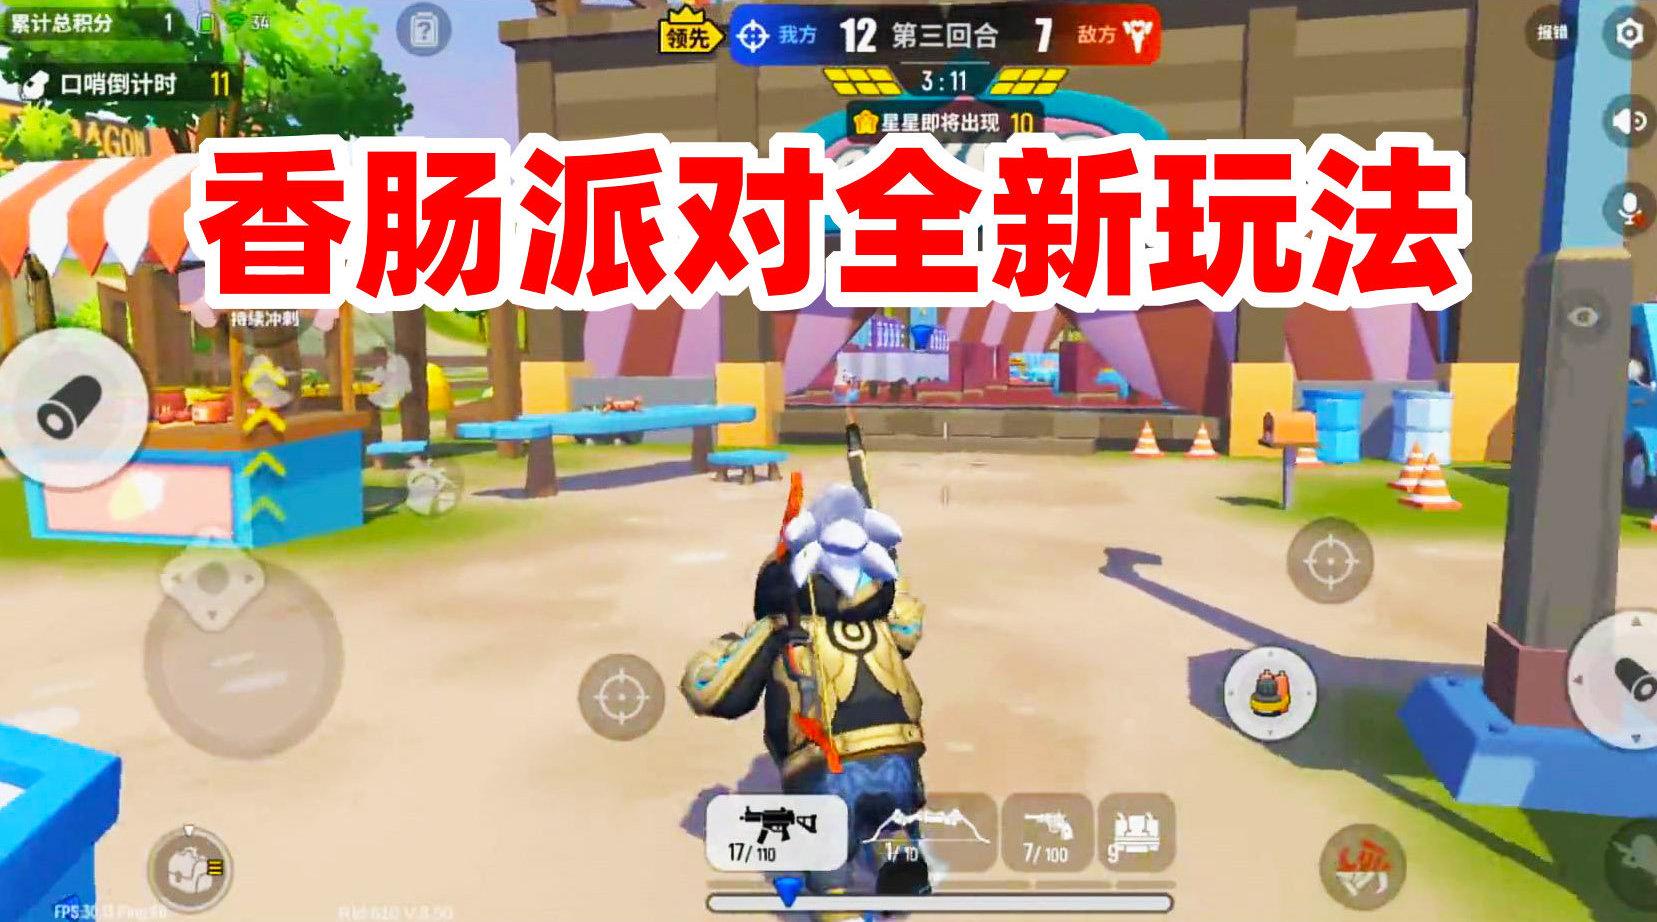 狙击手麦克:香肠派对新玩法,可以变成任何物品,和猎人躲猫猫!